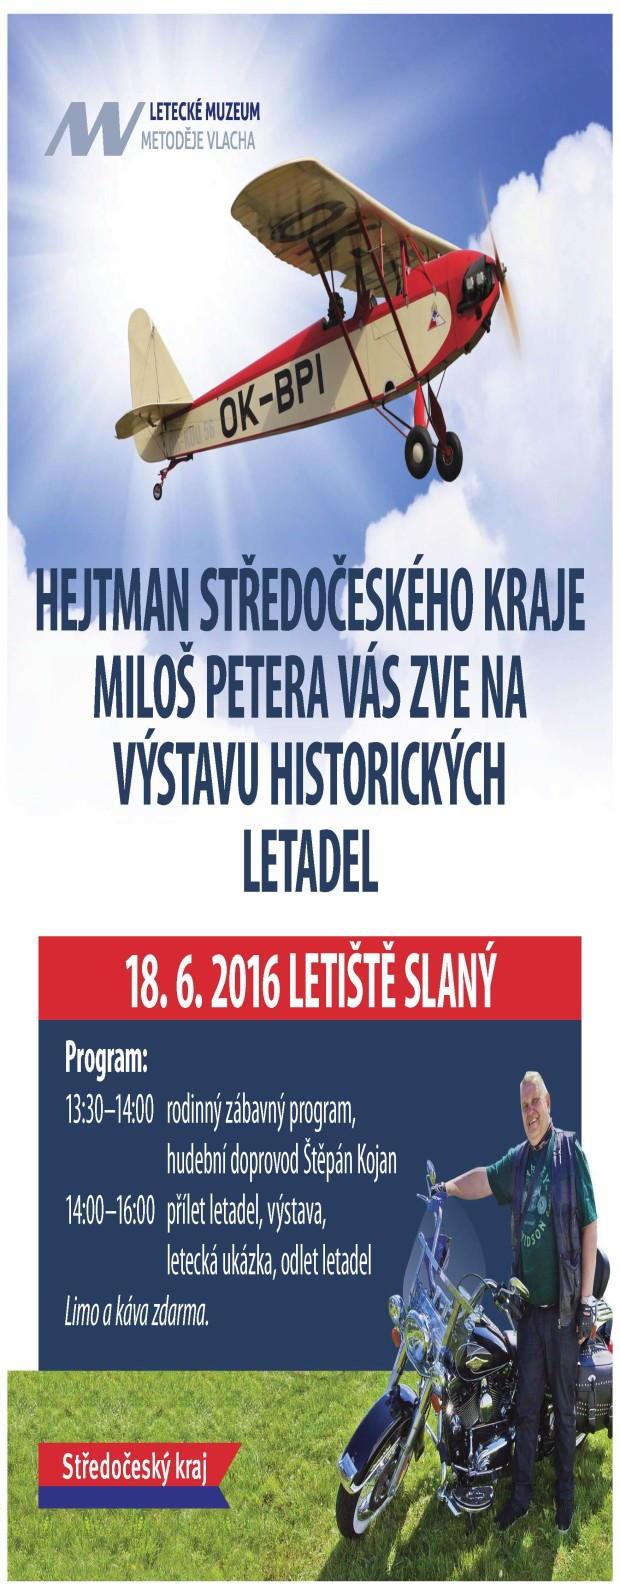 2016-hist-letadla